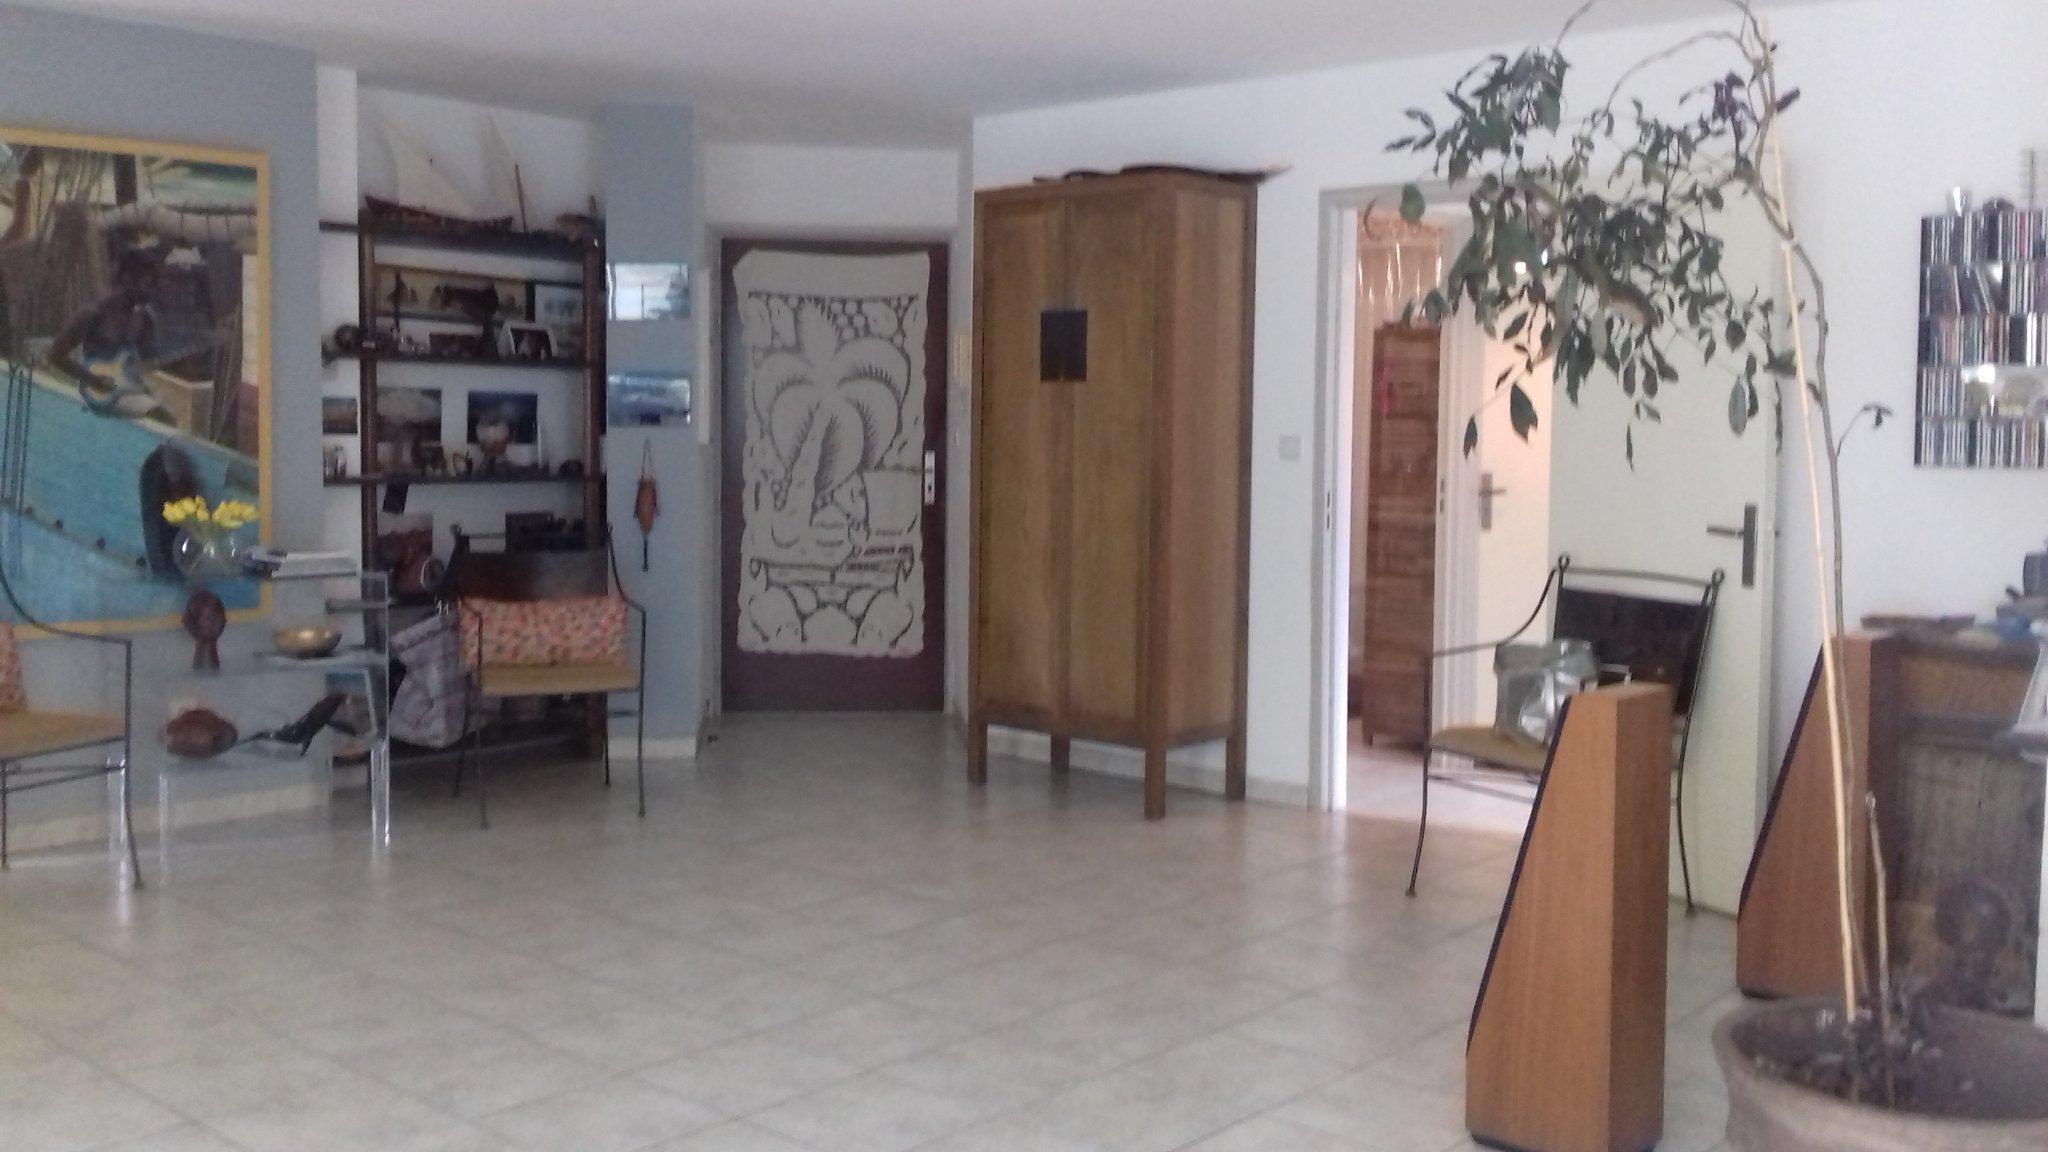 Appartement - L etang sale les Hauts